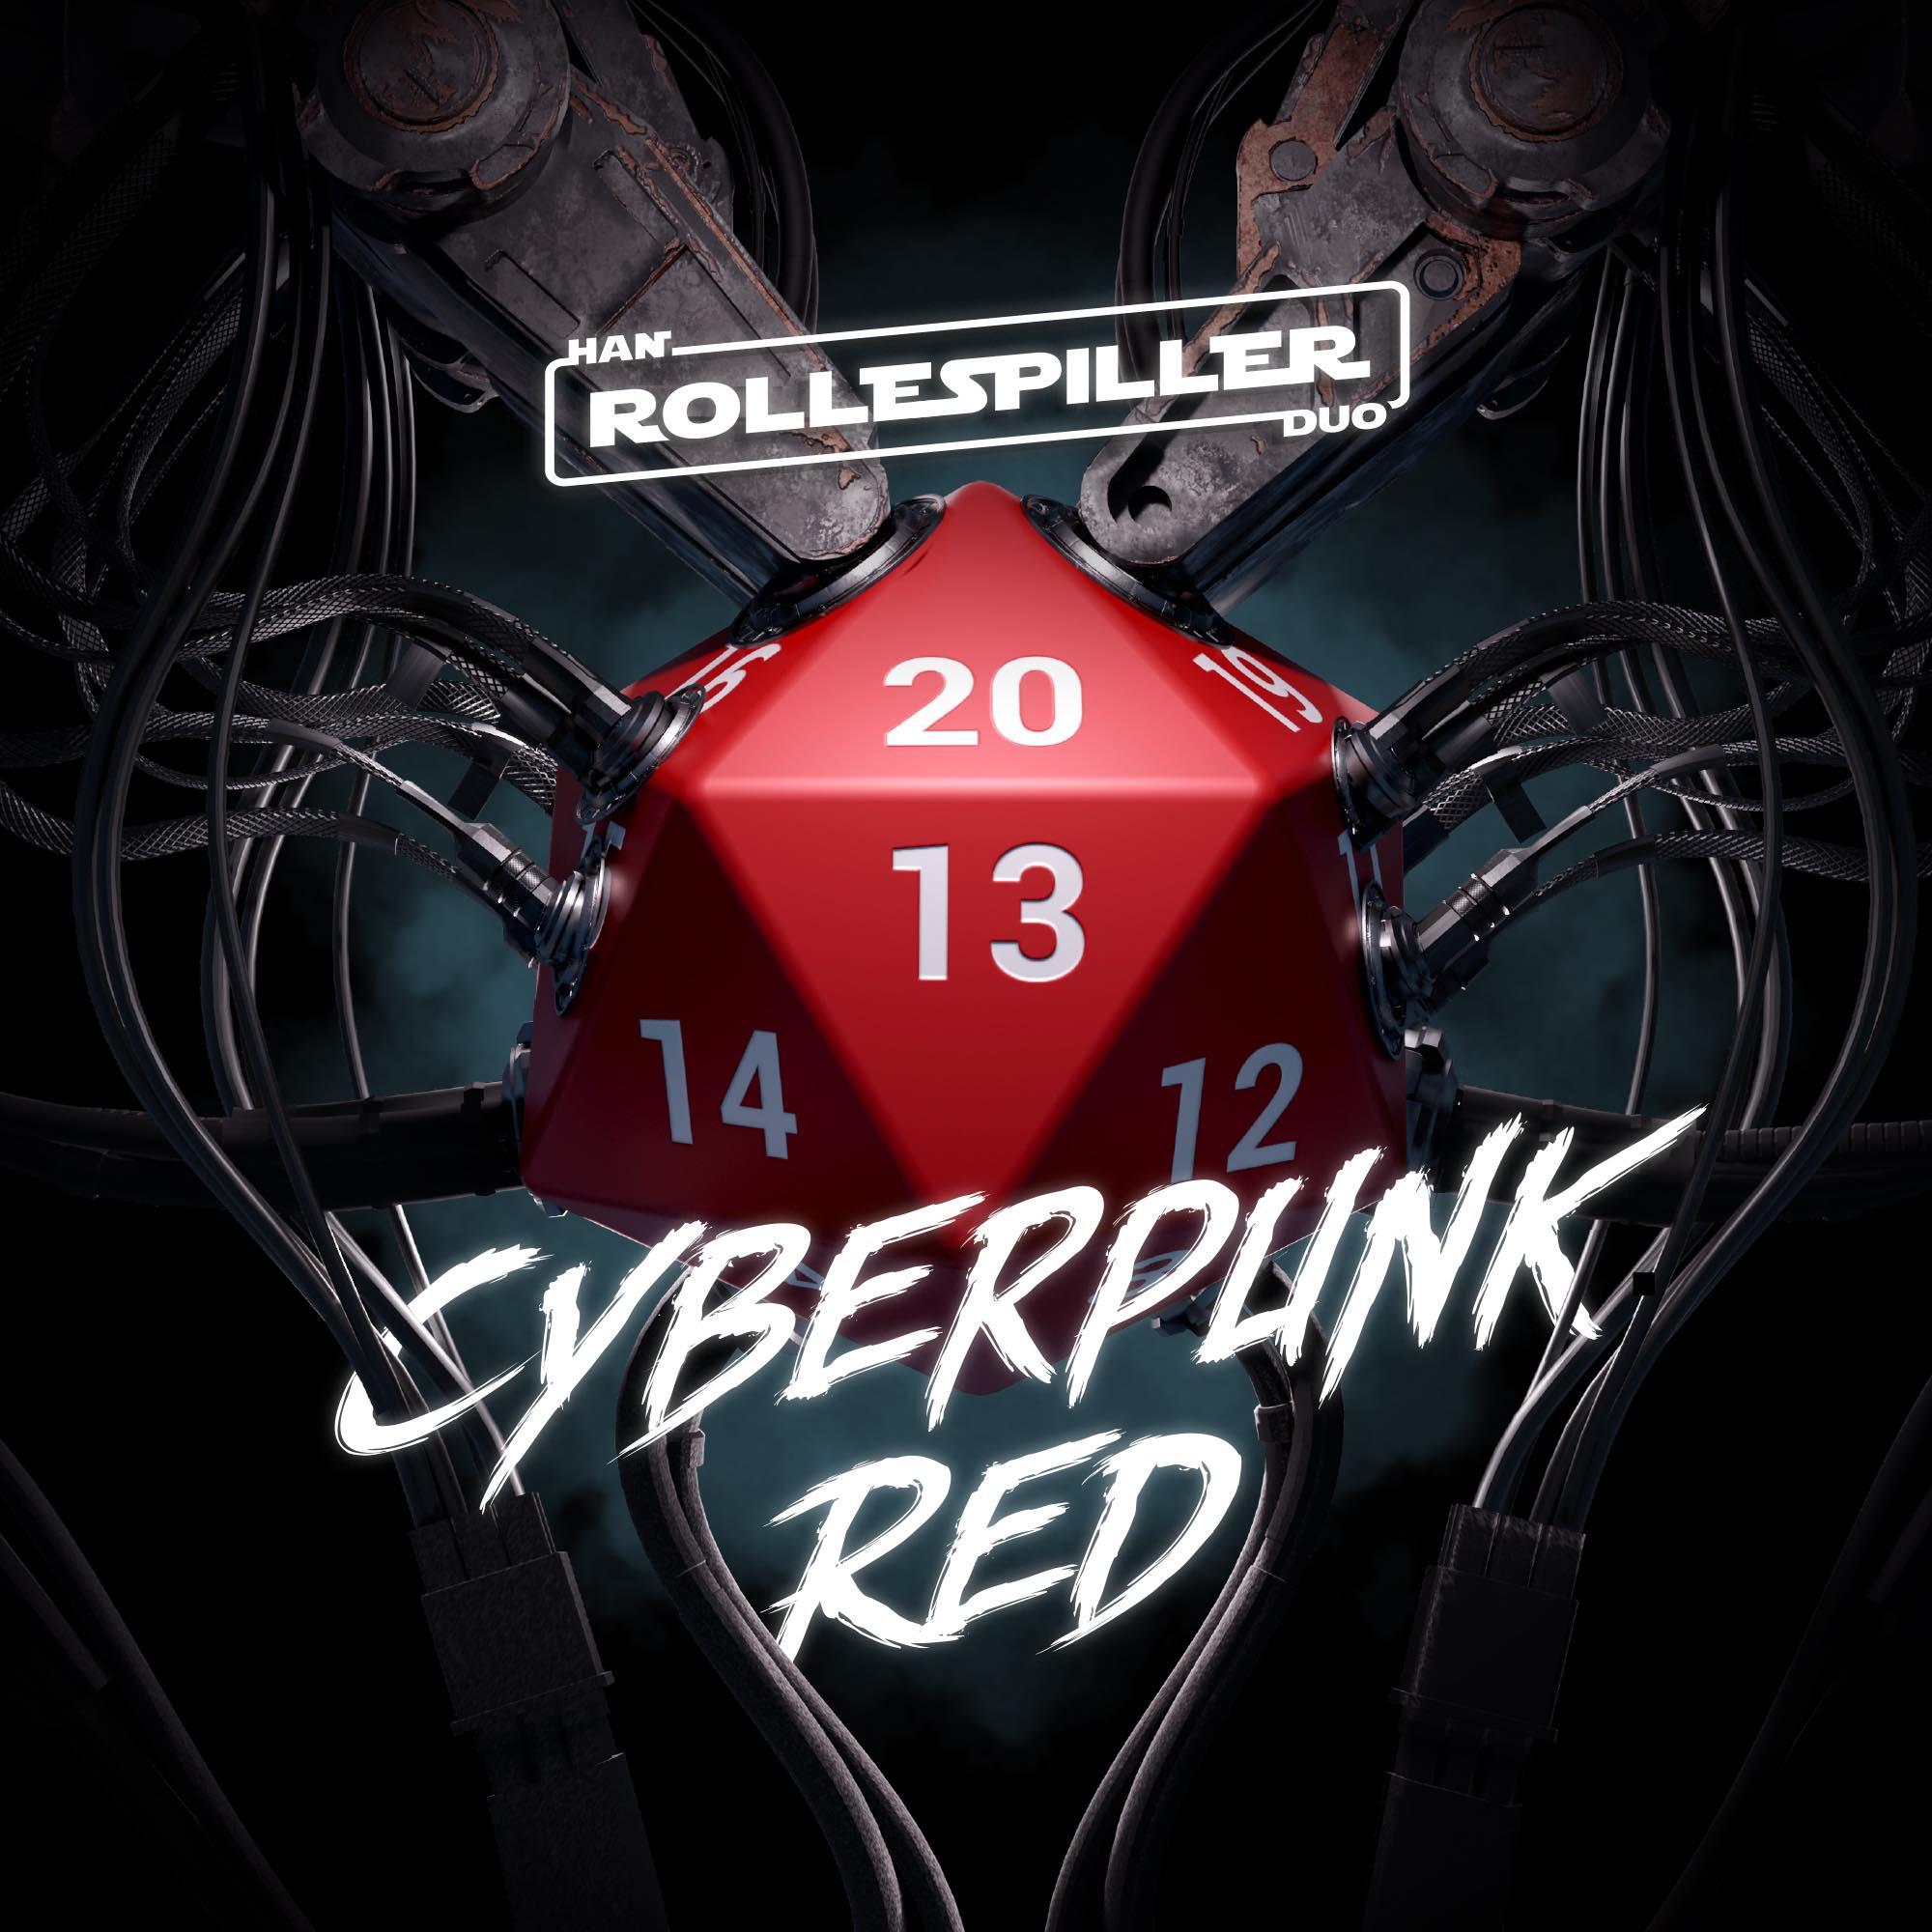 Cyberpunk Red 4:5